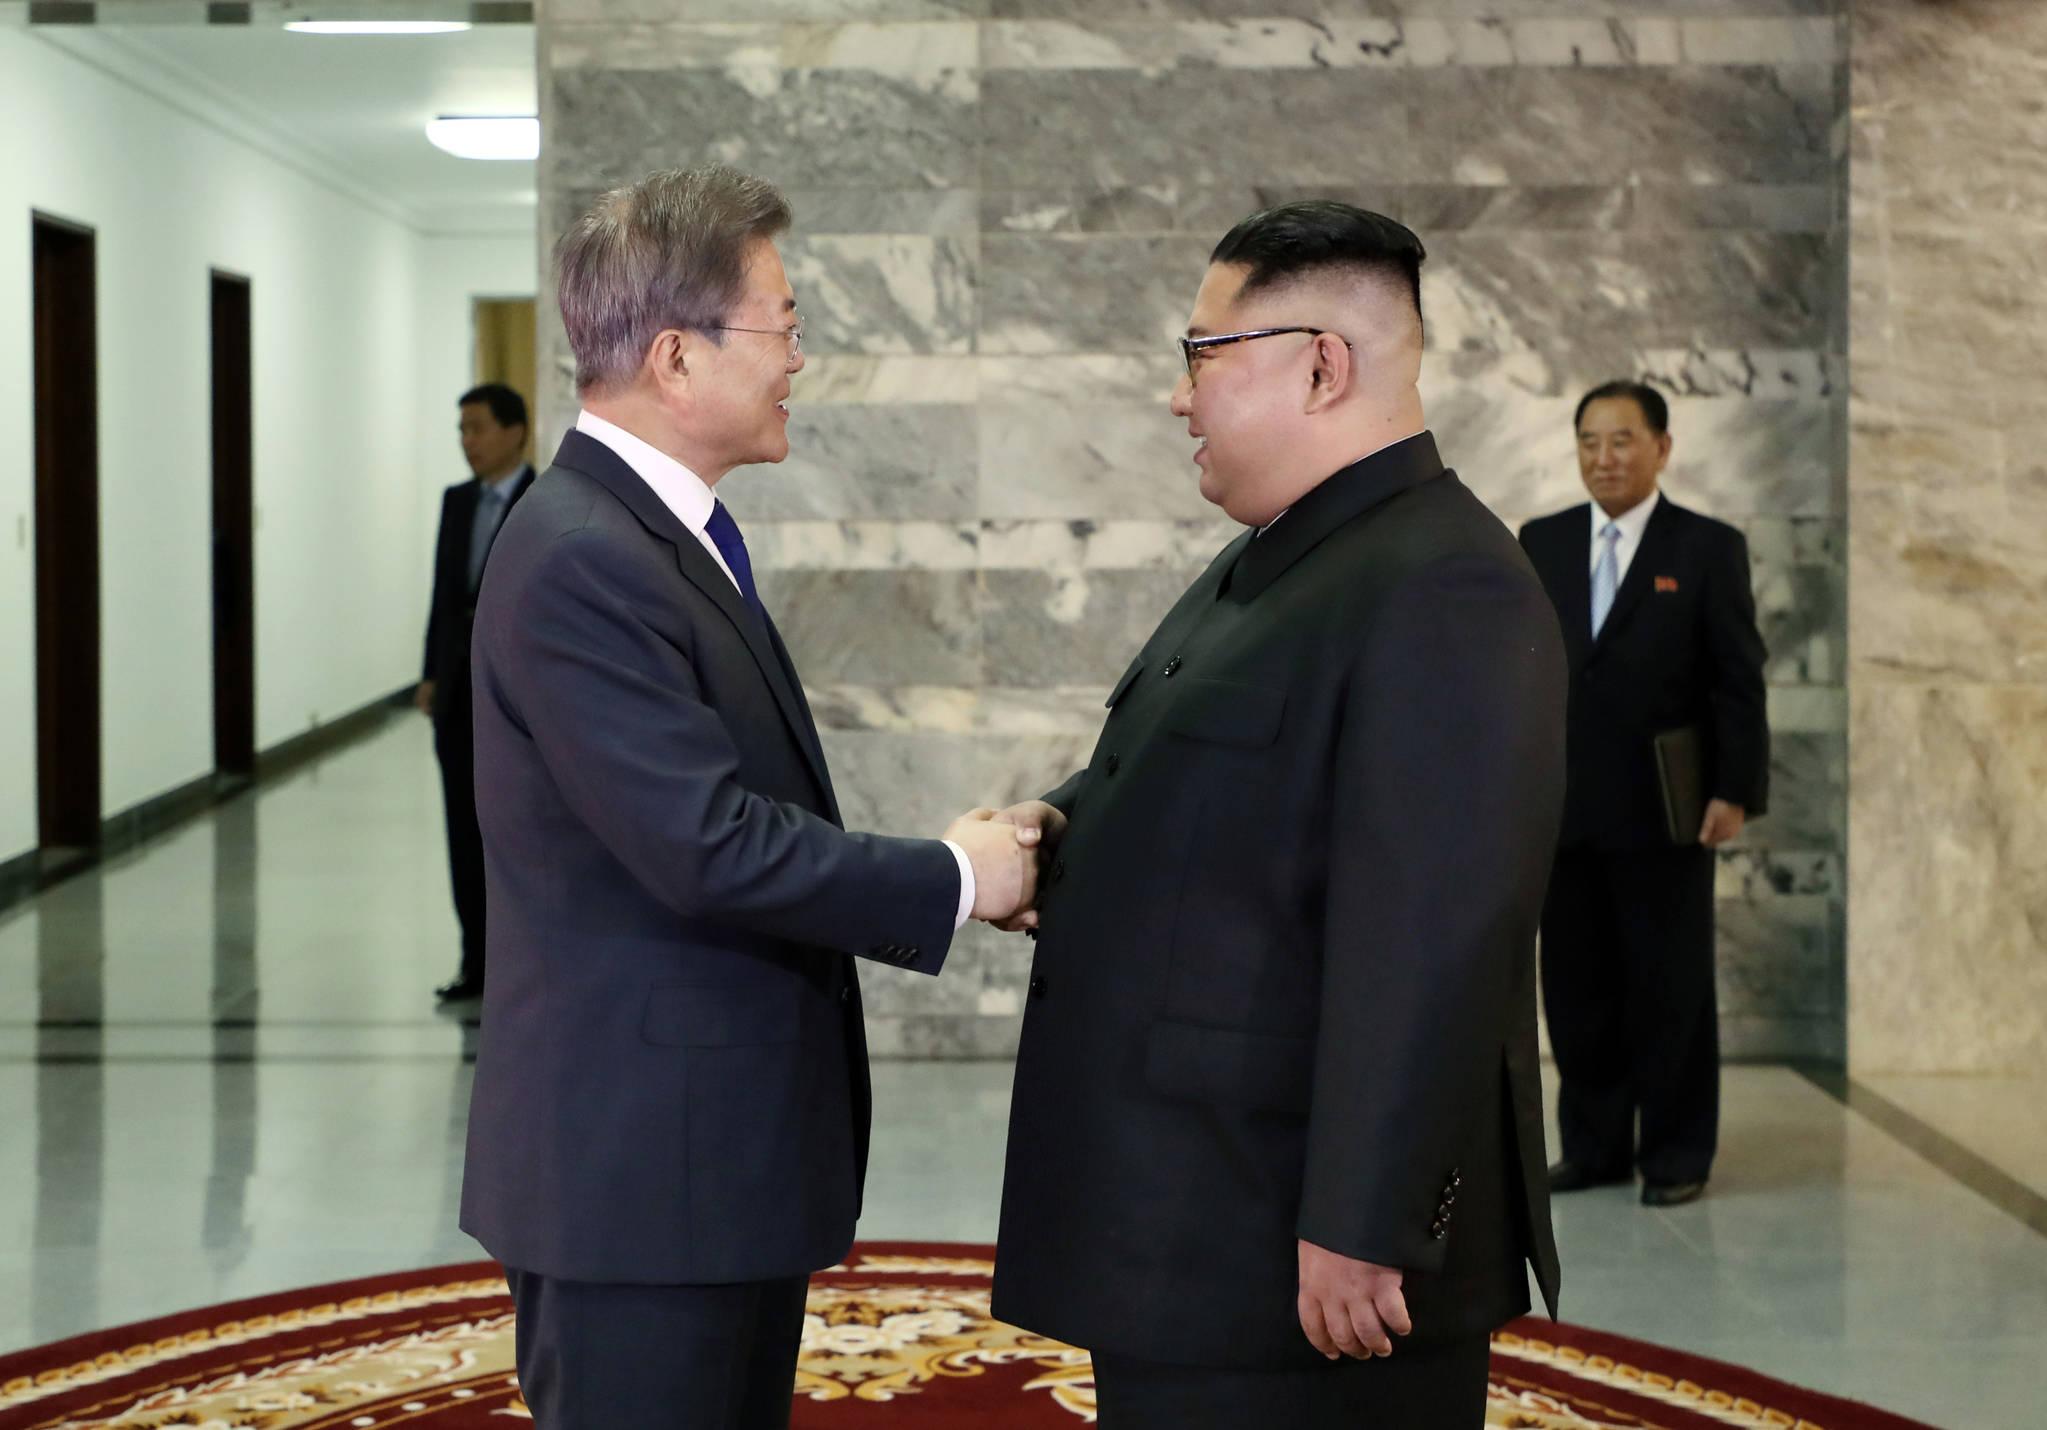 문재인 대통령과 북한 김정은 국무위원장이 지난달 26일 오후 판문점 북측 통일각에서 열린 남북정상회담에서 만나 얘기를 나누고 있다. [연합뉴스]